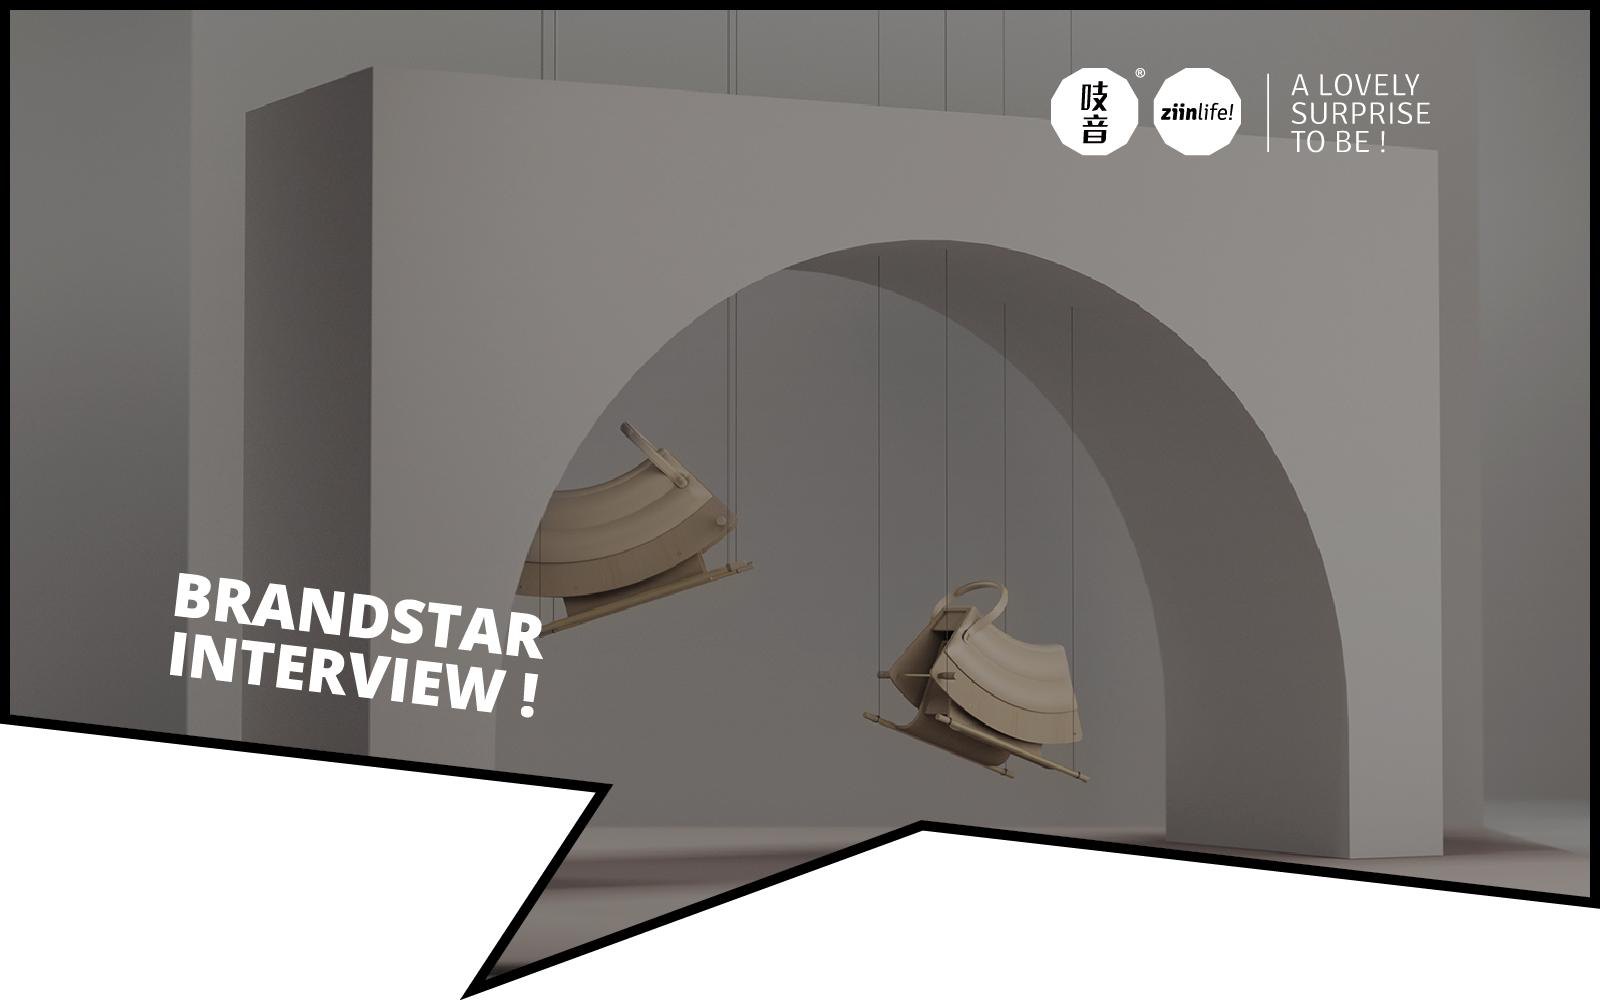 吱音:本土家居品牌崛起了,但做产品和品牌依旧是件很难的事 | BrandStar 专访